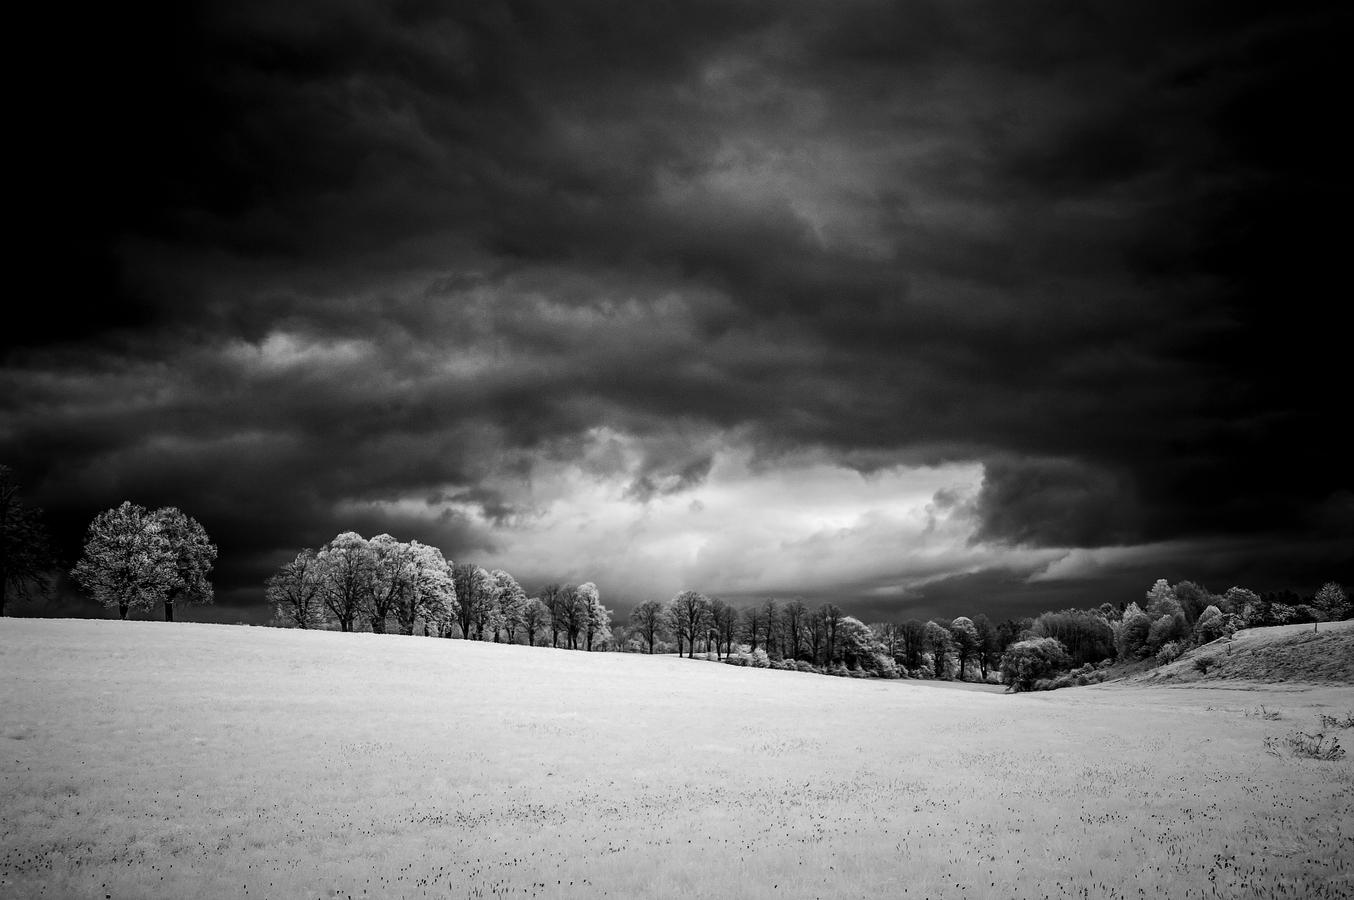 IR krajina před bouřkou